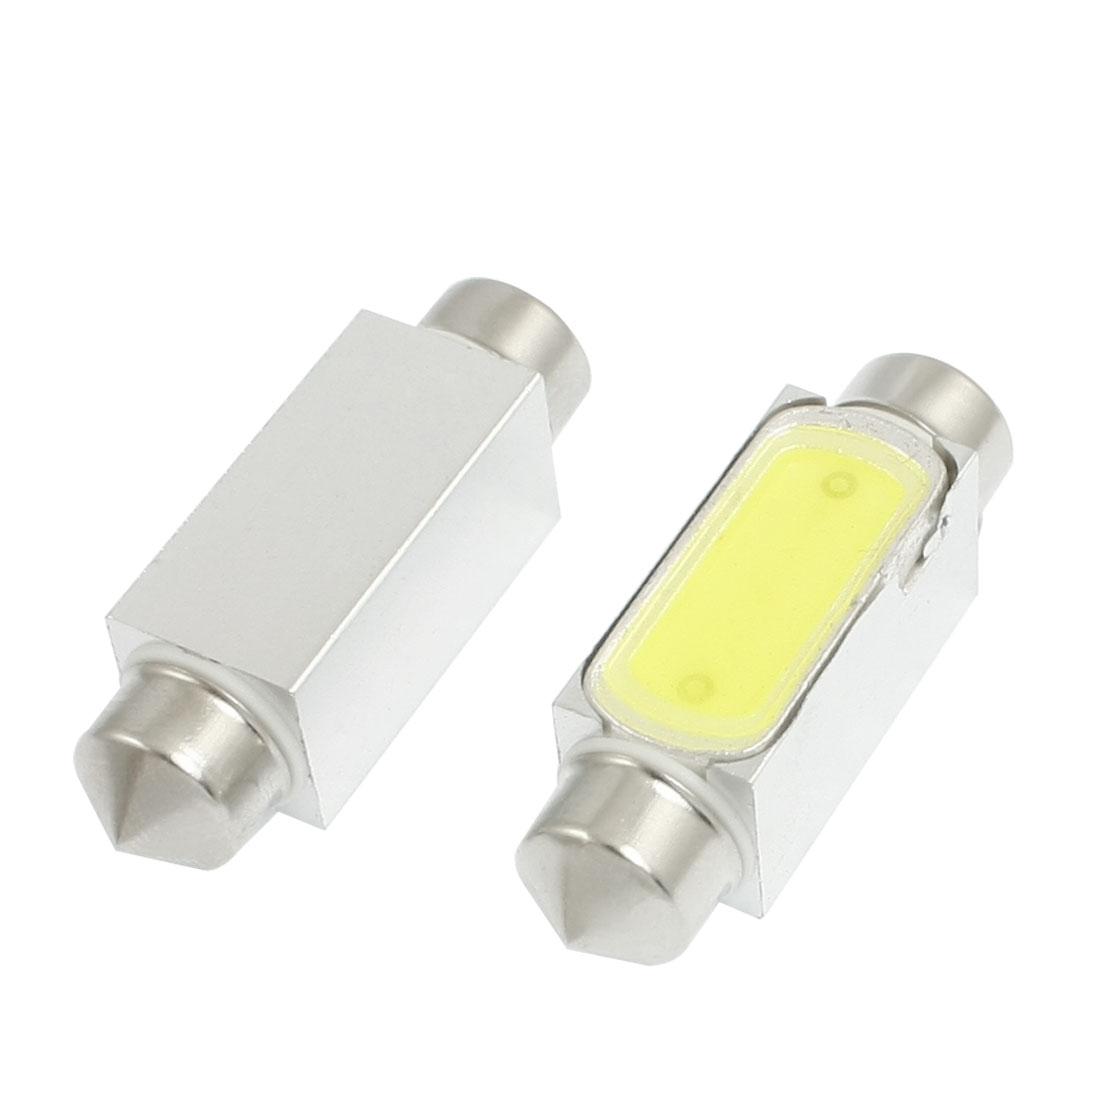 2 Pcs Car 36mm White High Power LED Light Festoon Reading Lamp